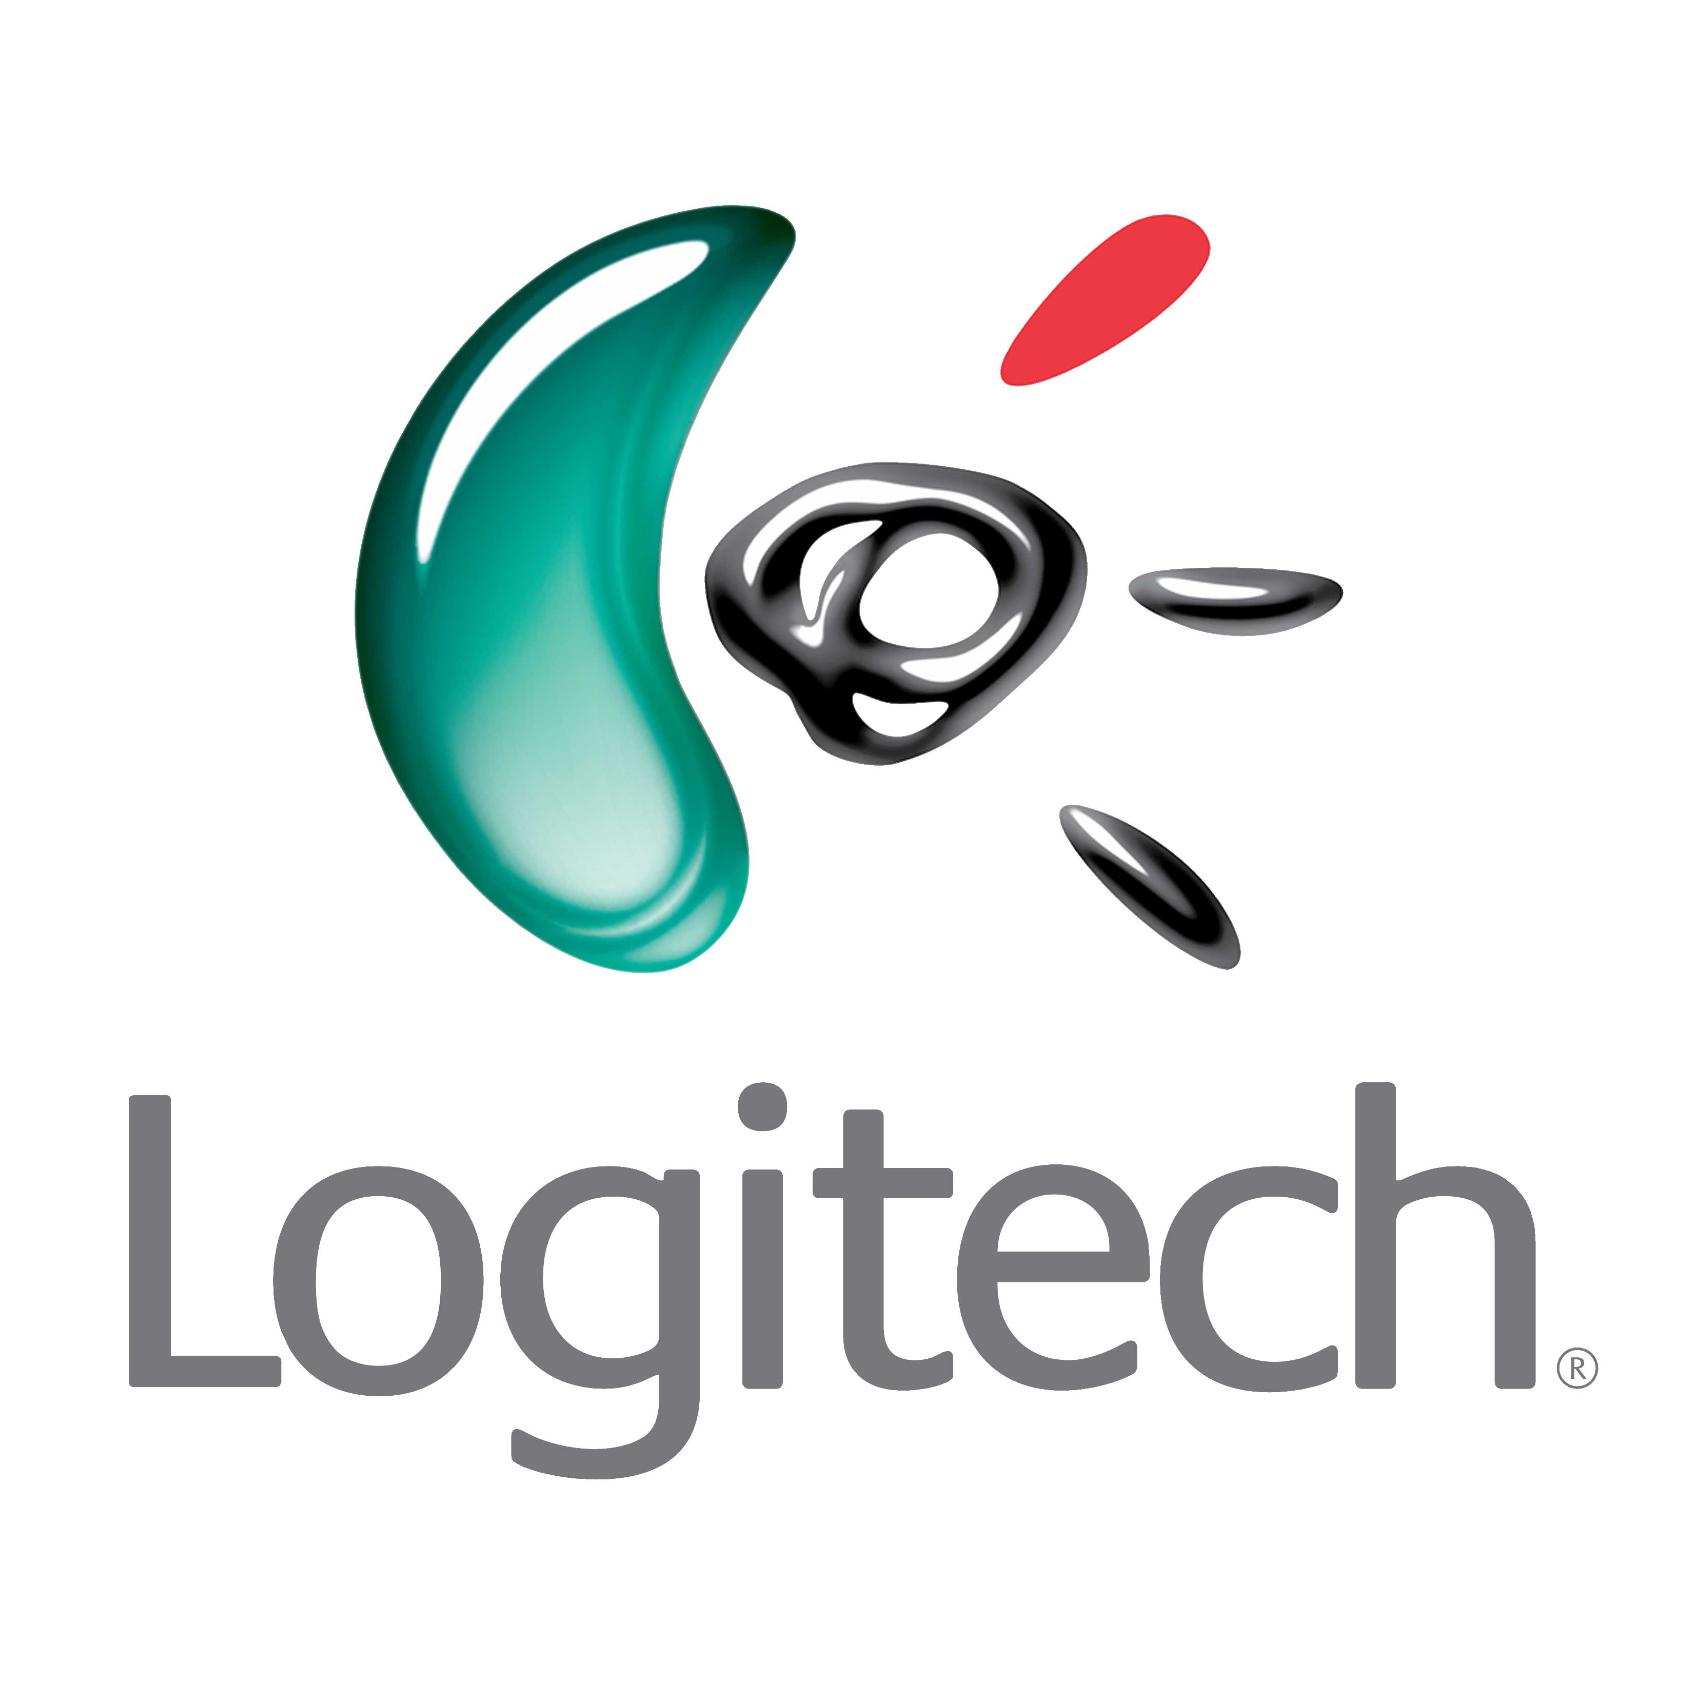 【黑五大促】Logitech MX Master大师鼠标到手价49.9€!精准满足设计师、工程师和建筑师等专业人士。